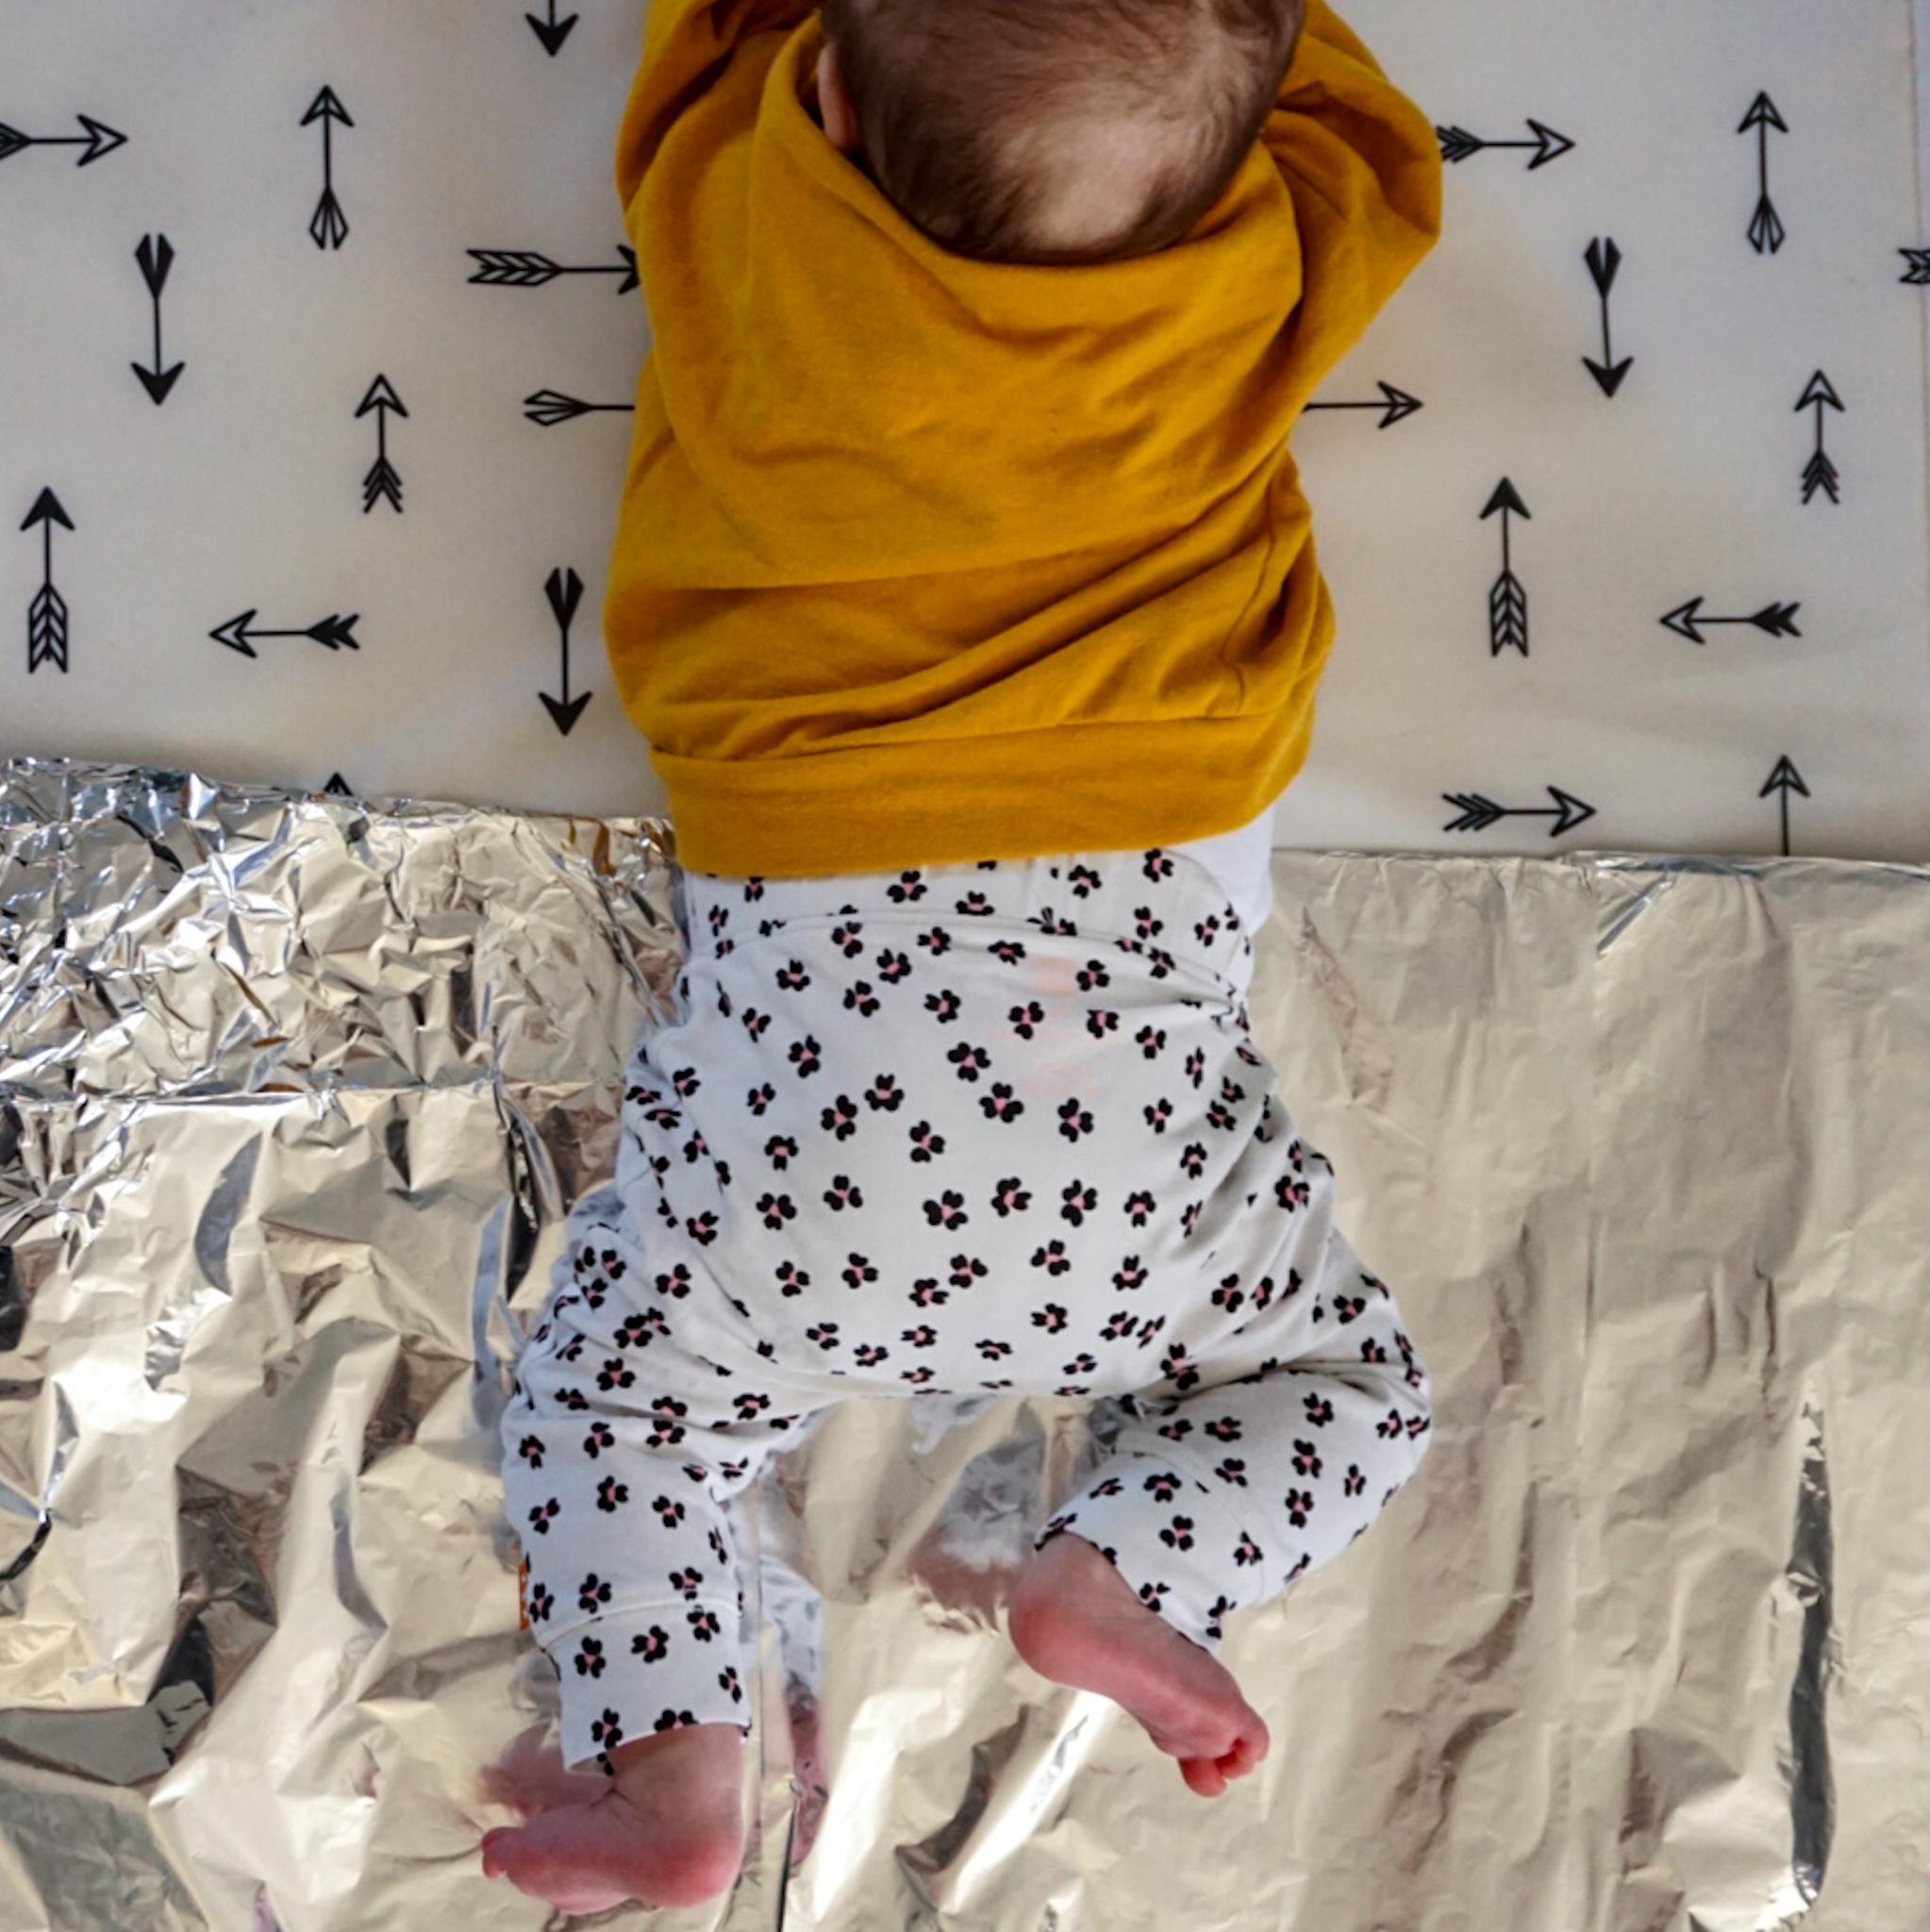 speeltip voor een baby van 4 - 6 maanden